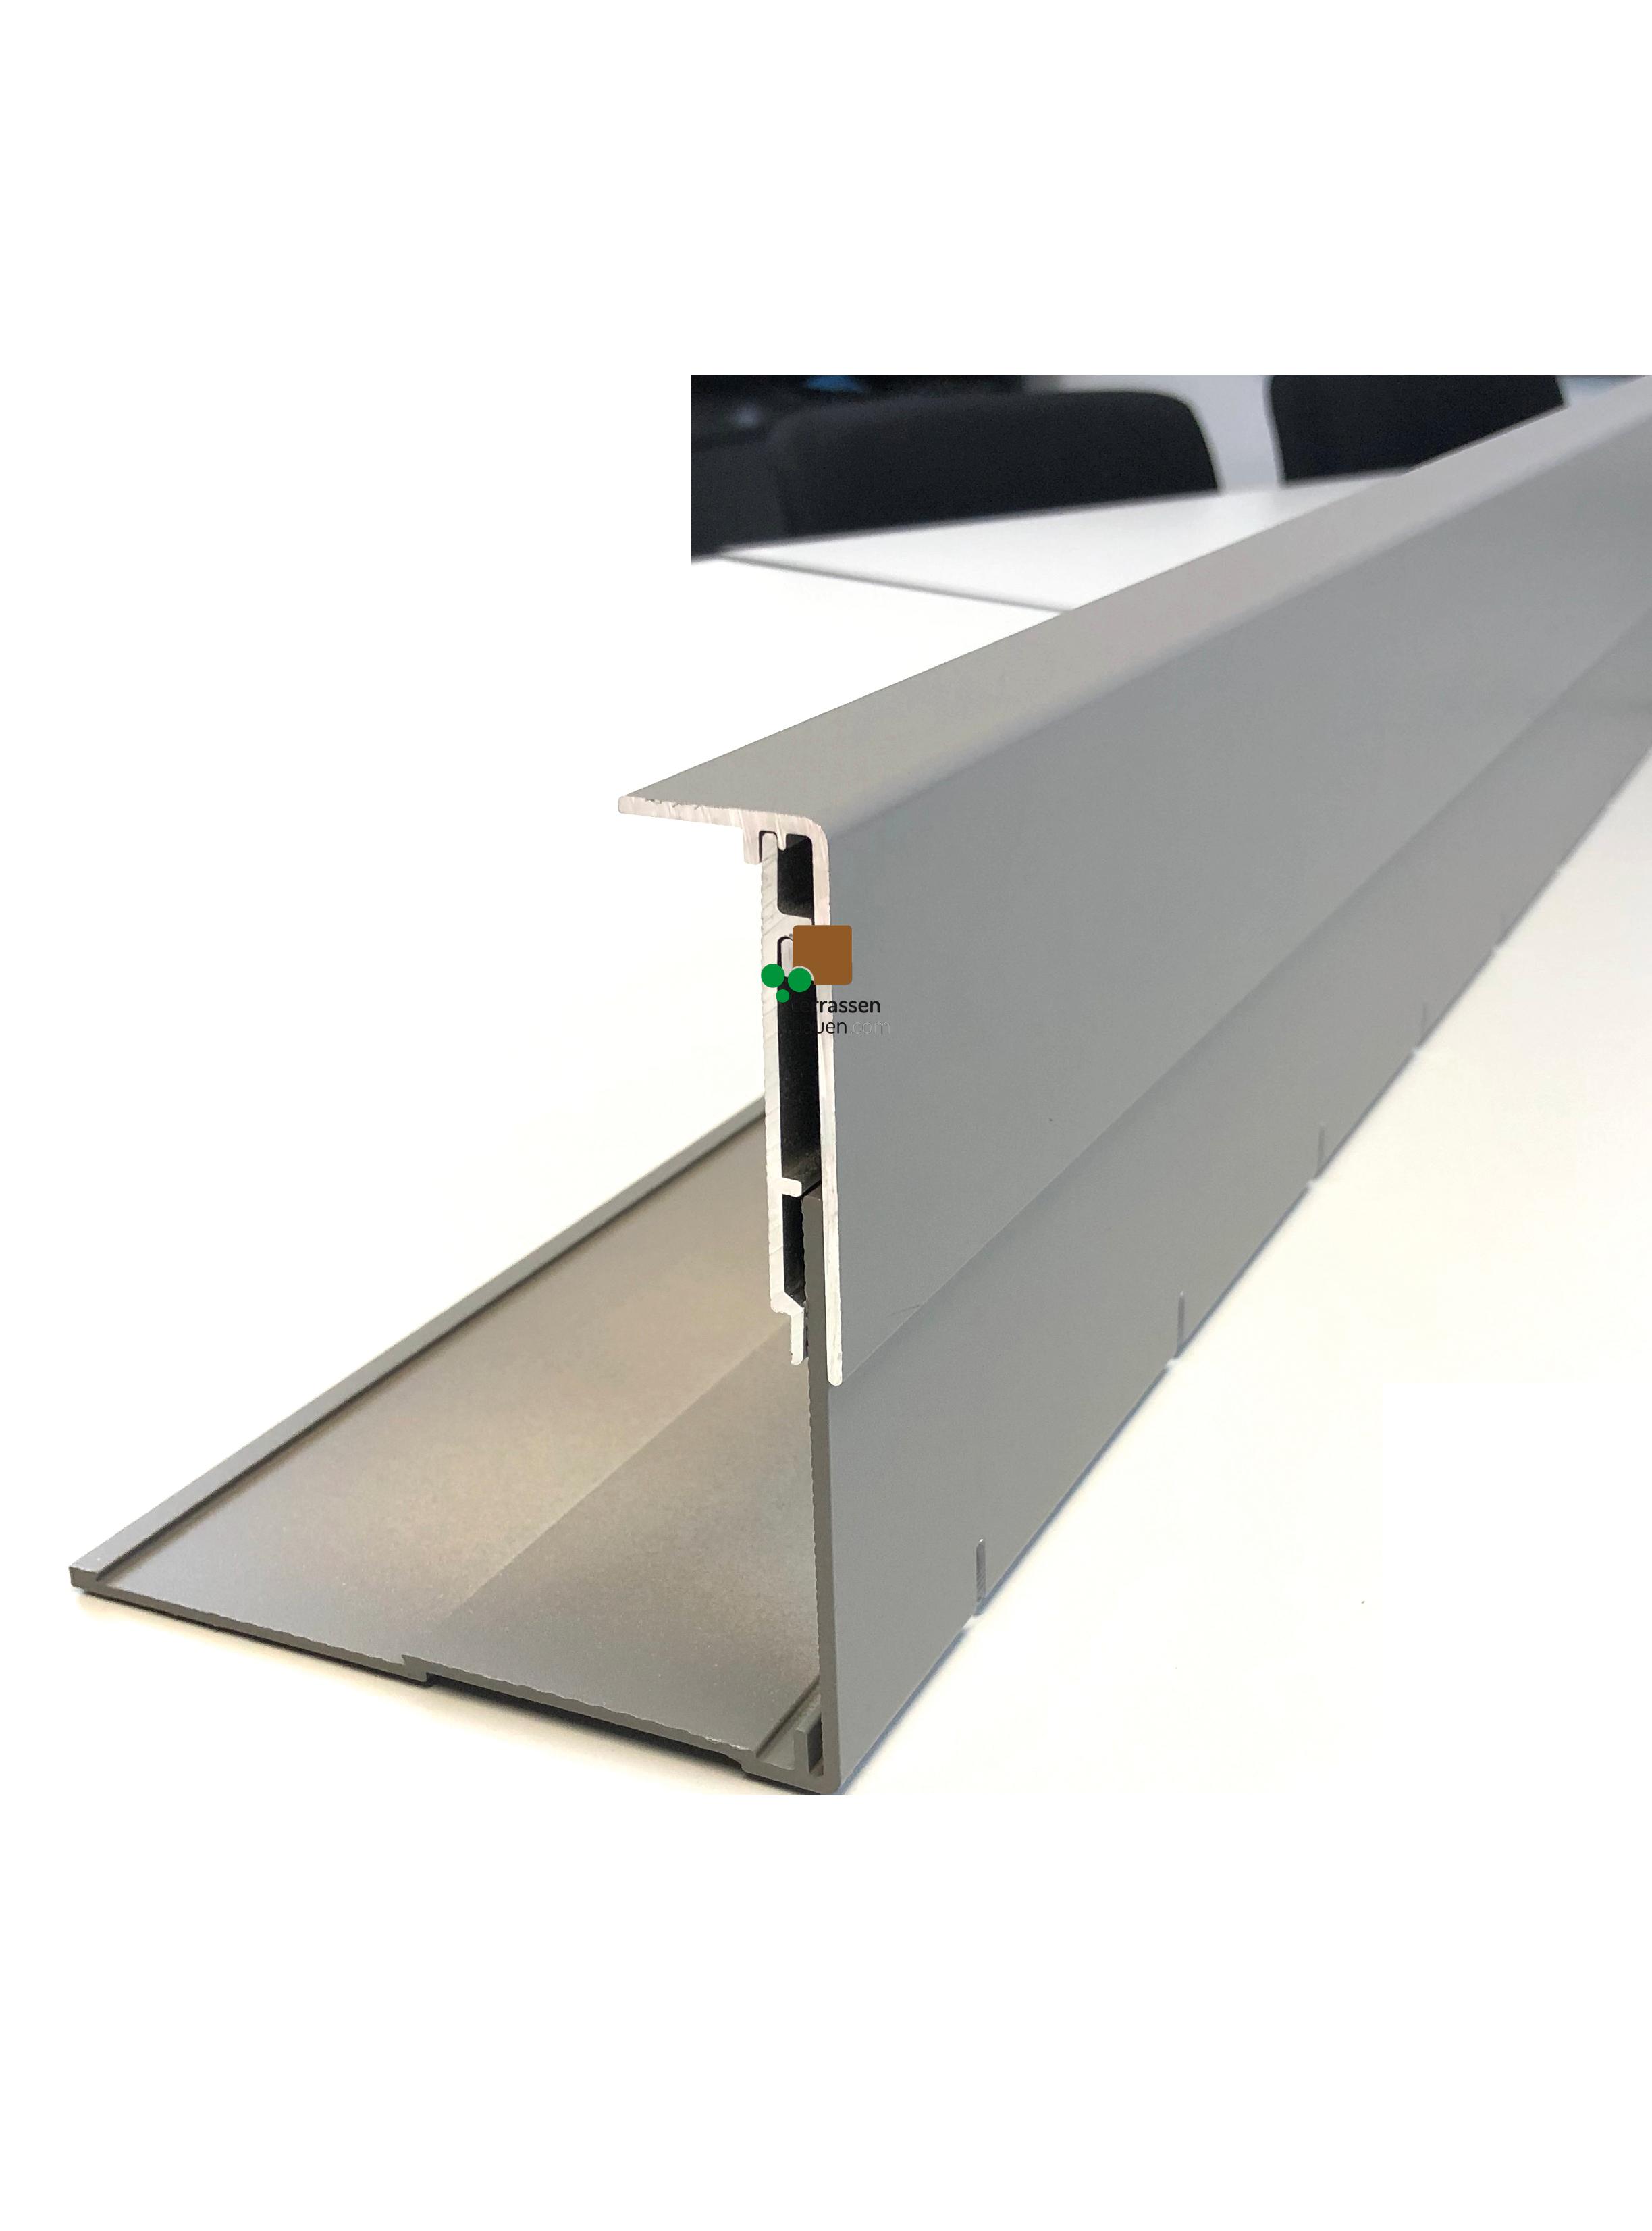 K&R Terracon Seitenverblendung Pro, verschiedene Längen und Höhen